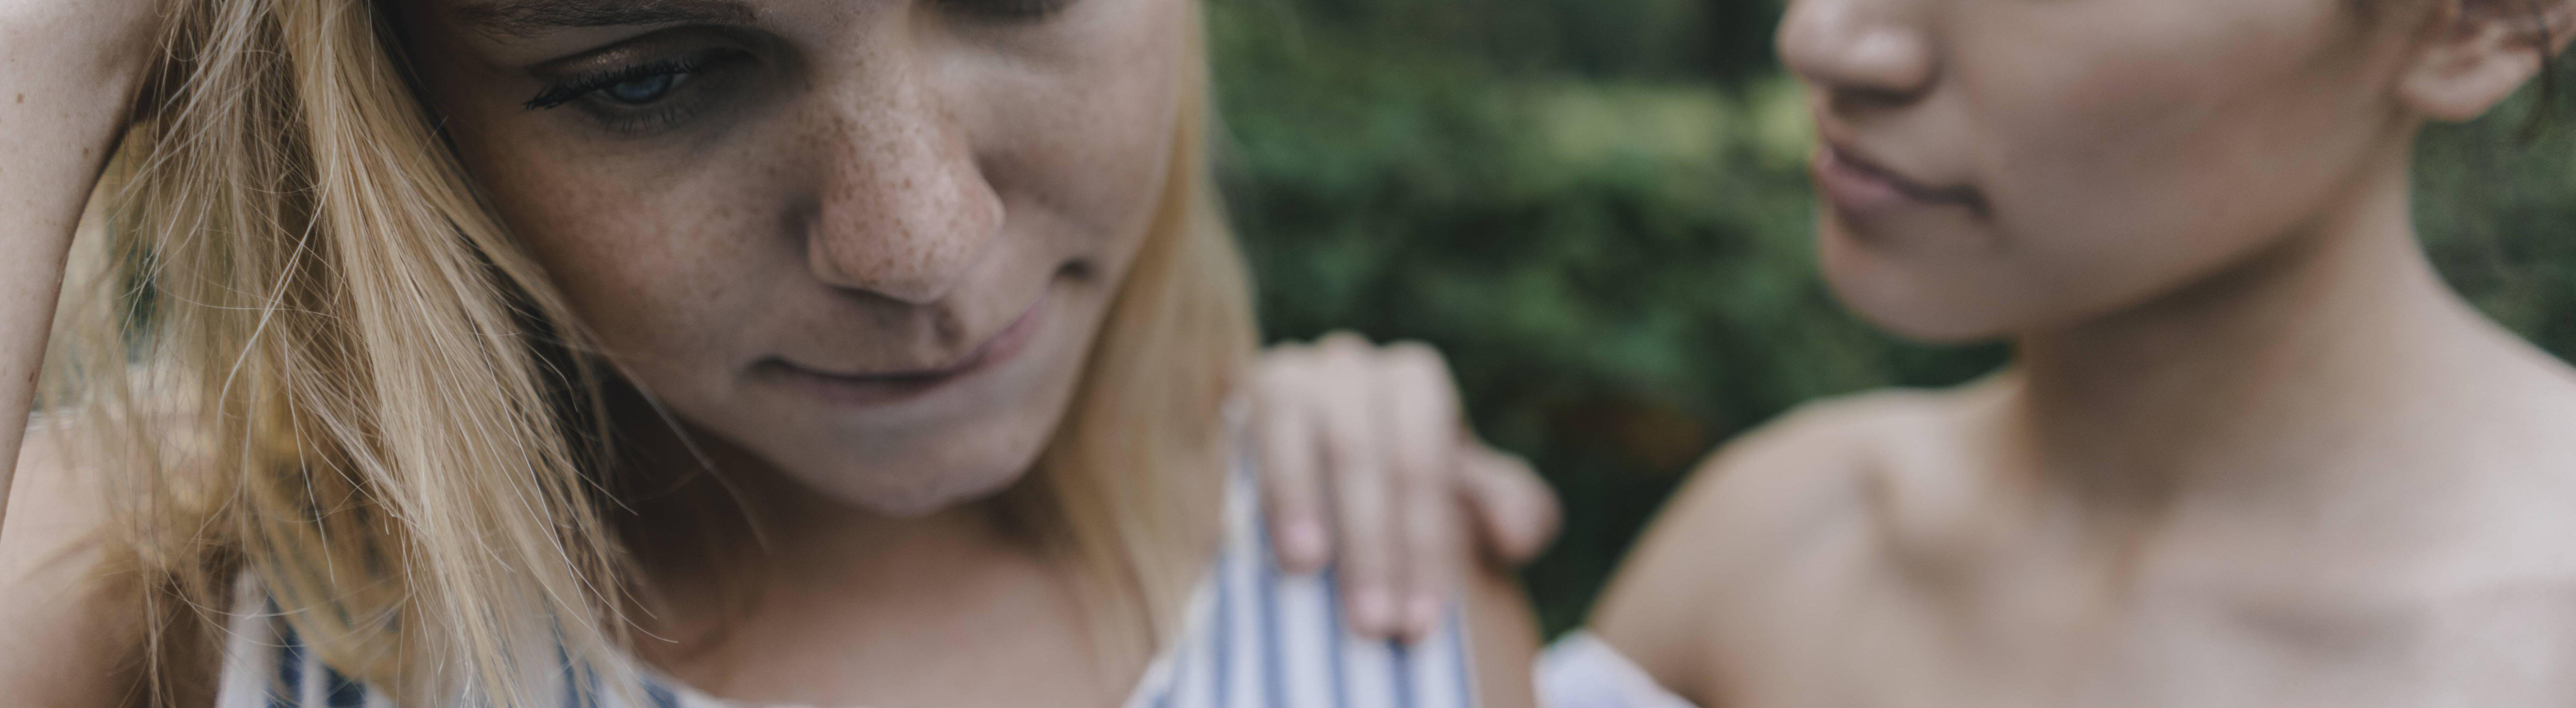 Zwei Frauen stehen nebeneinander. Die eine schaut sie Boden, die andere legt ihr die Hand auf die Schulter.